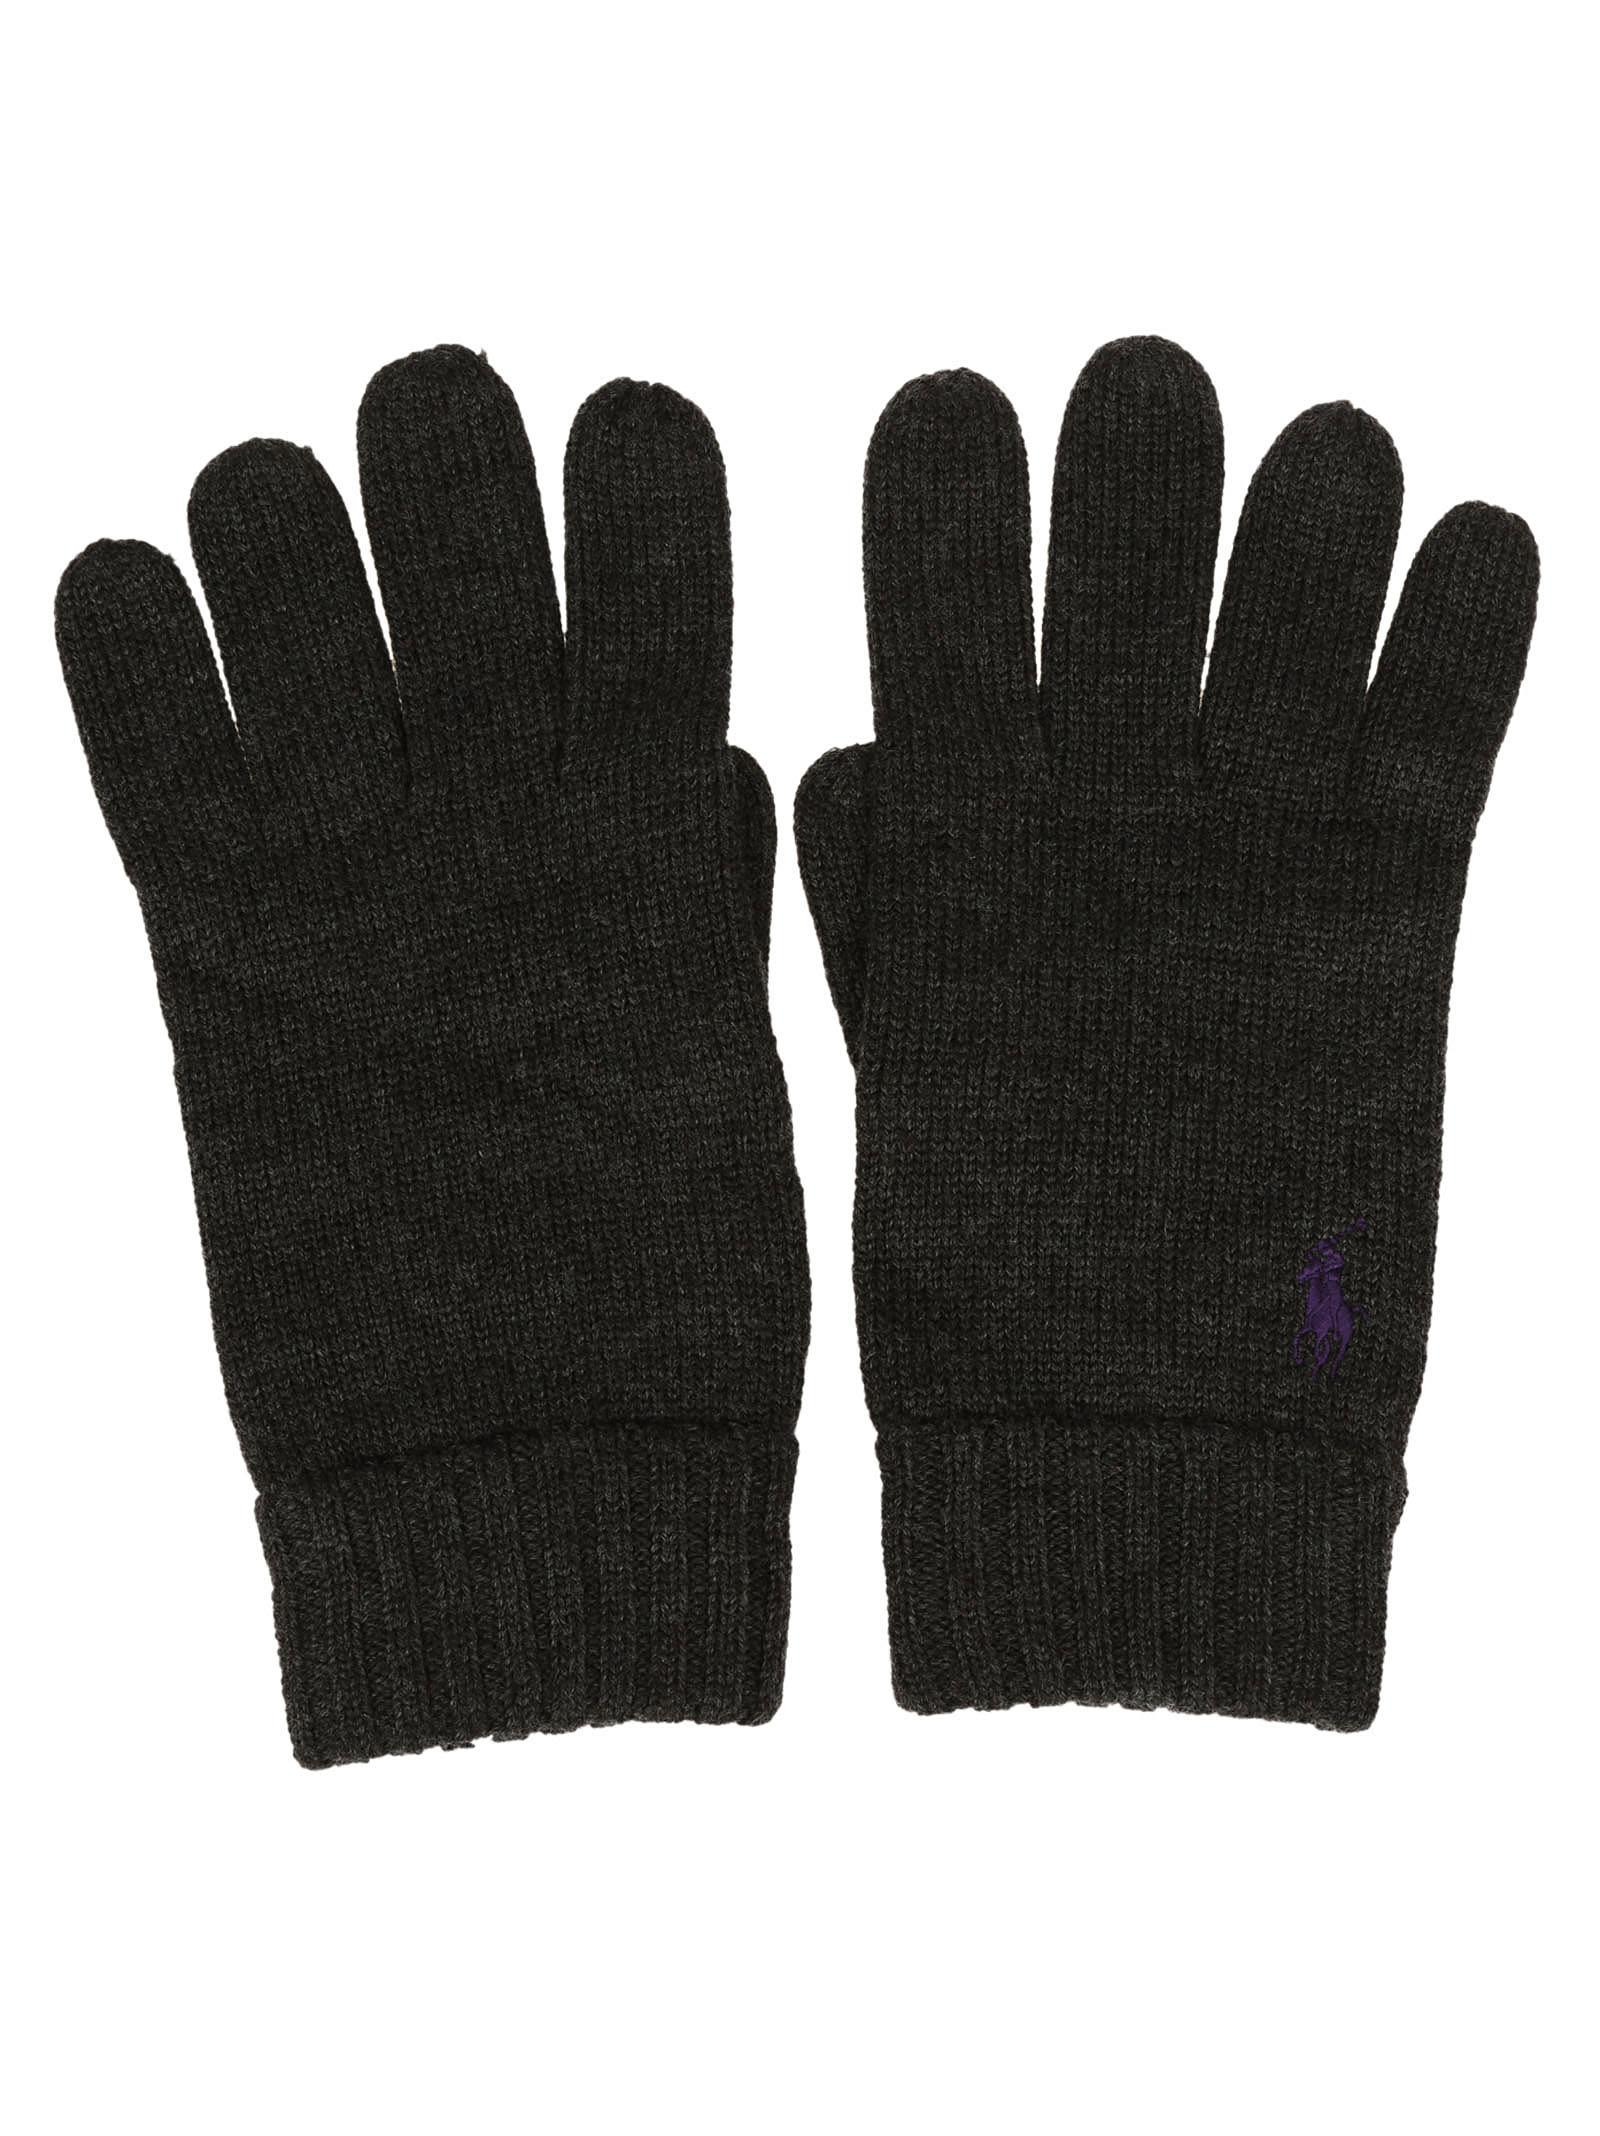 Ralph Lauren Embroidered Logo Gloves